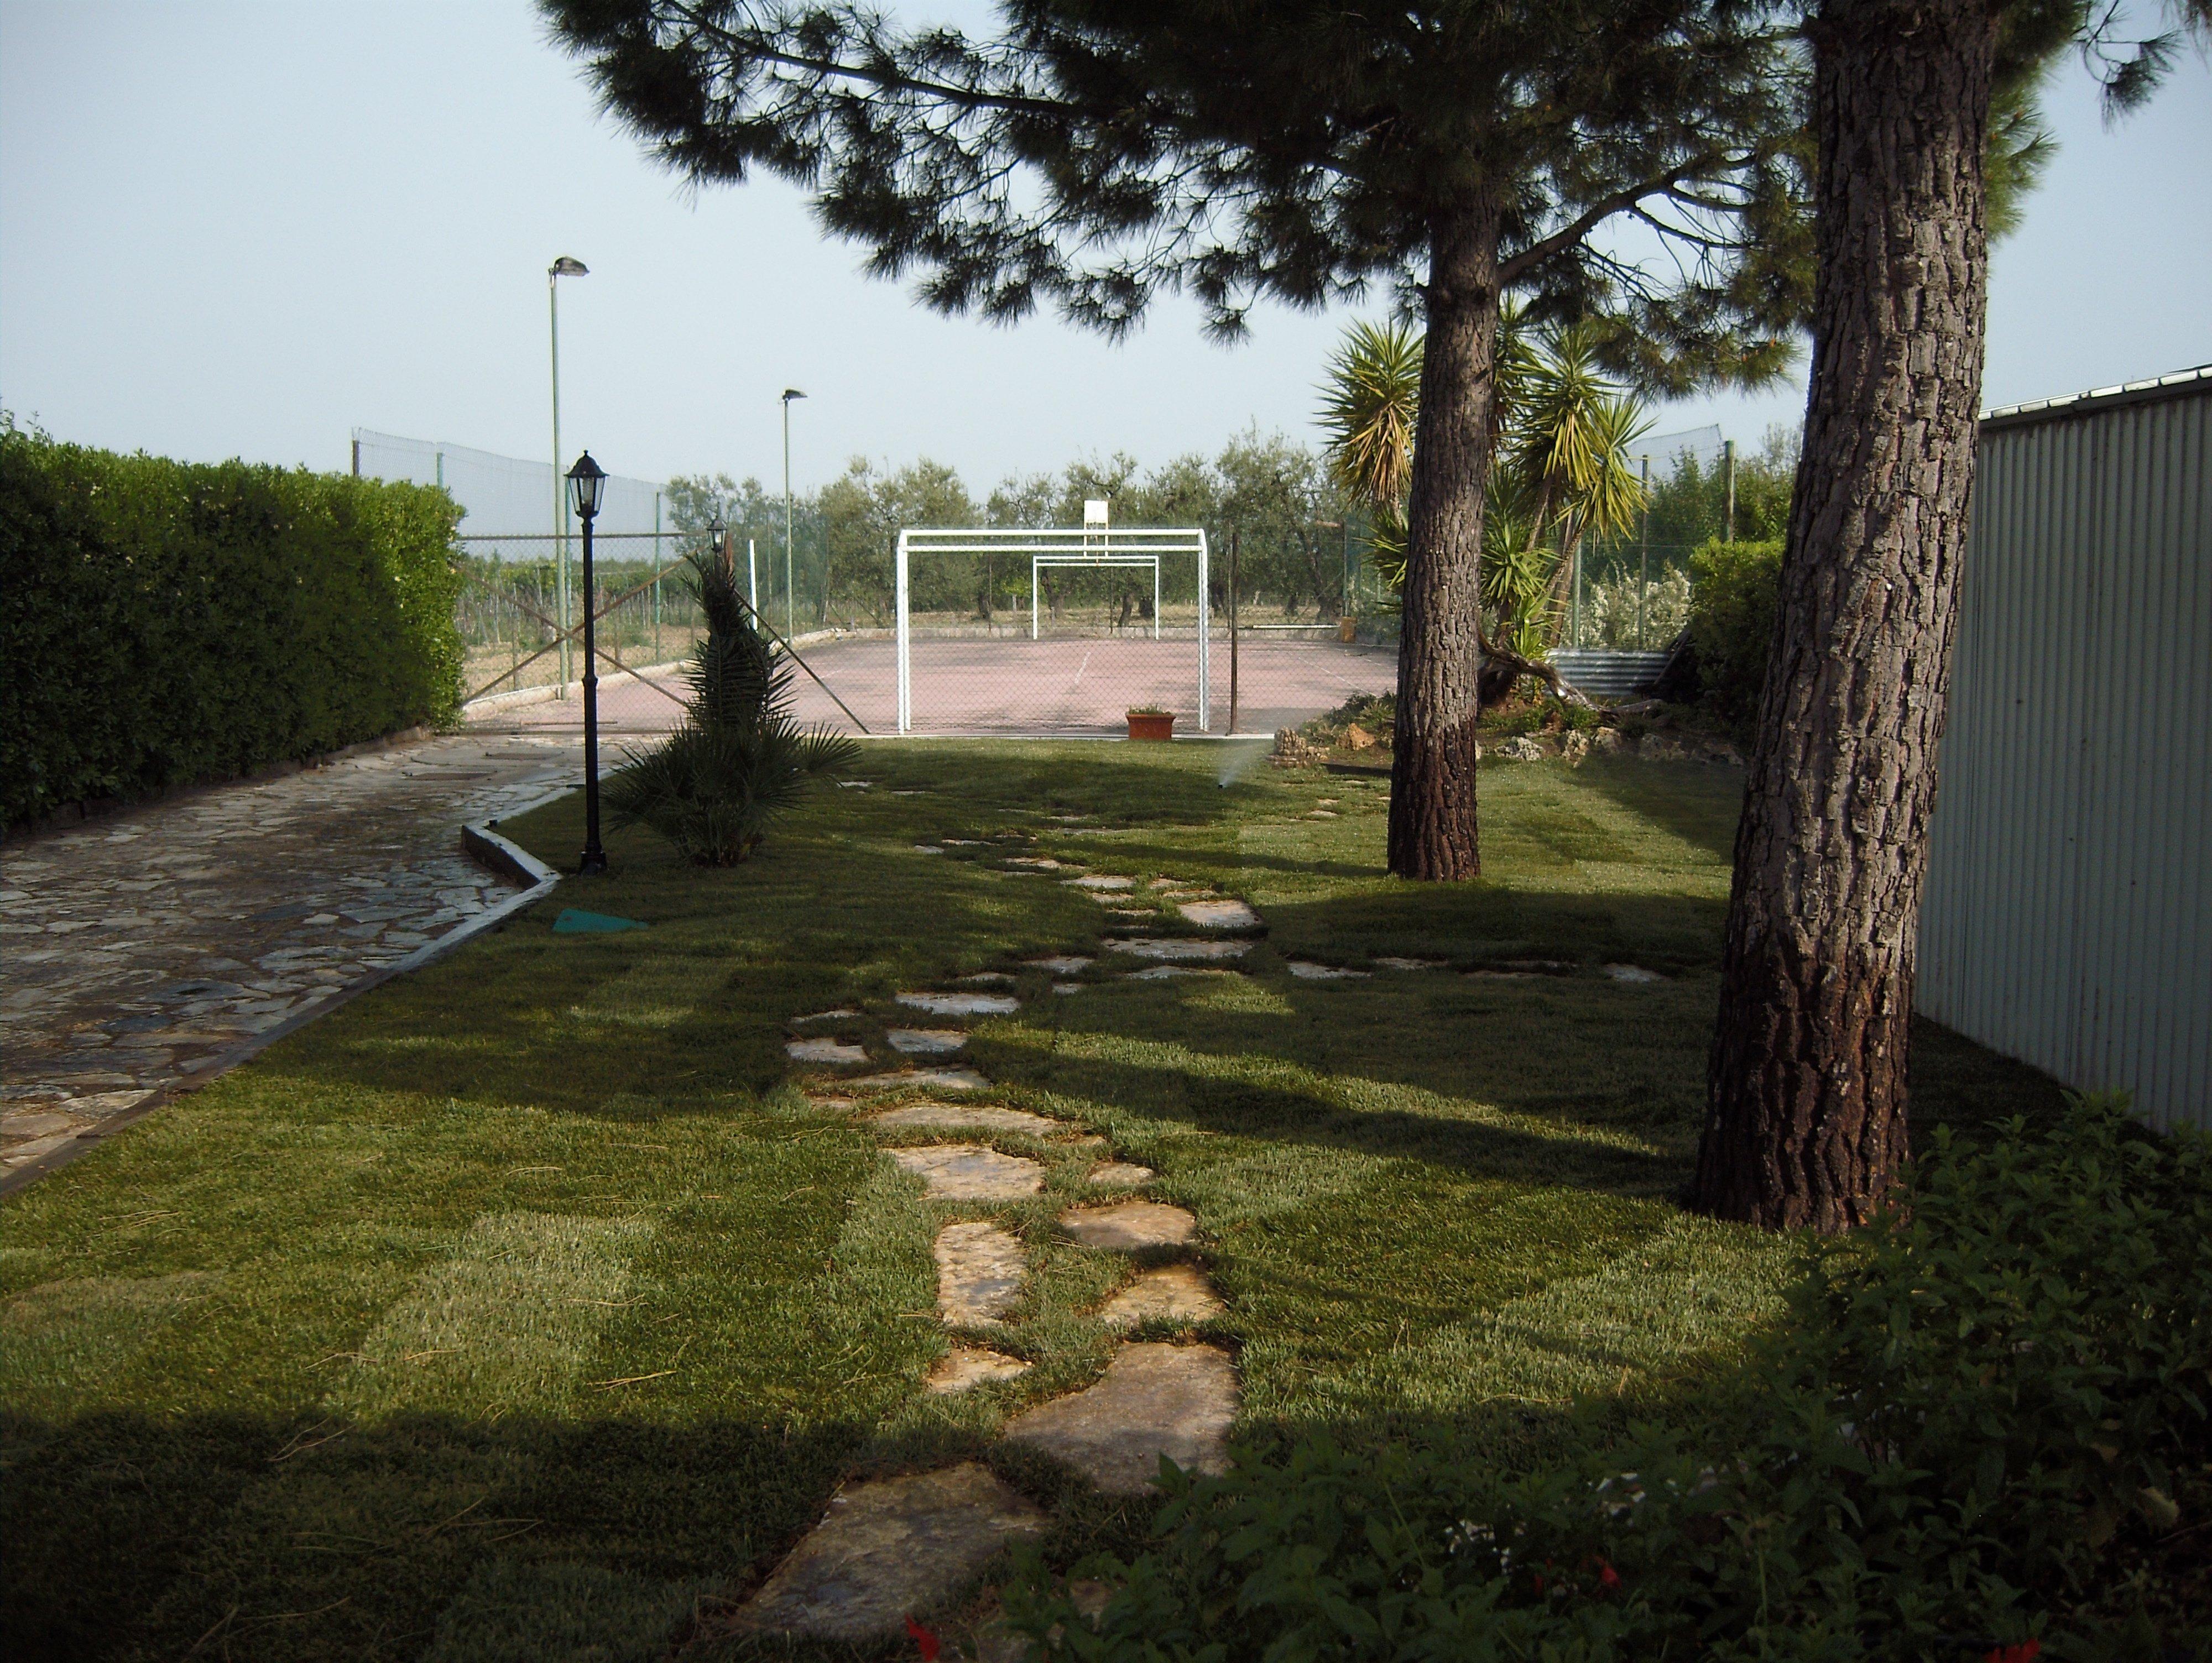 Giardino con viottolo e alberi